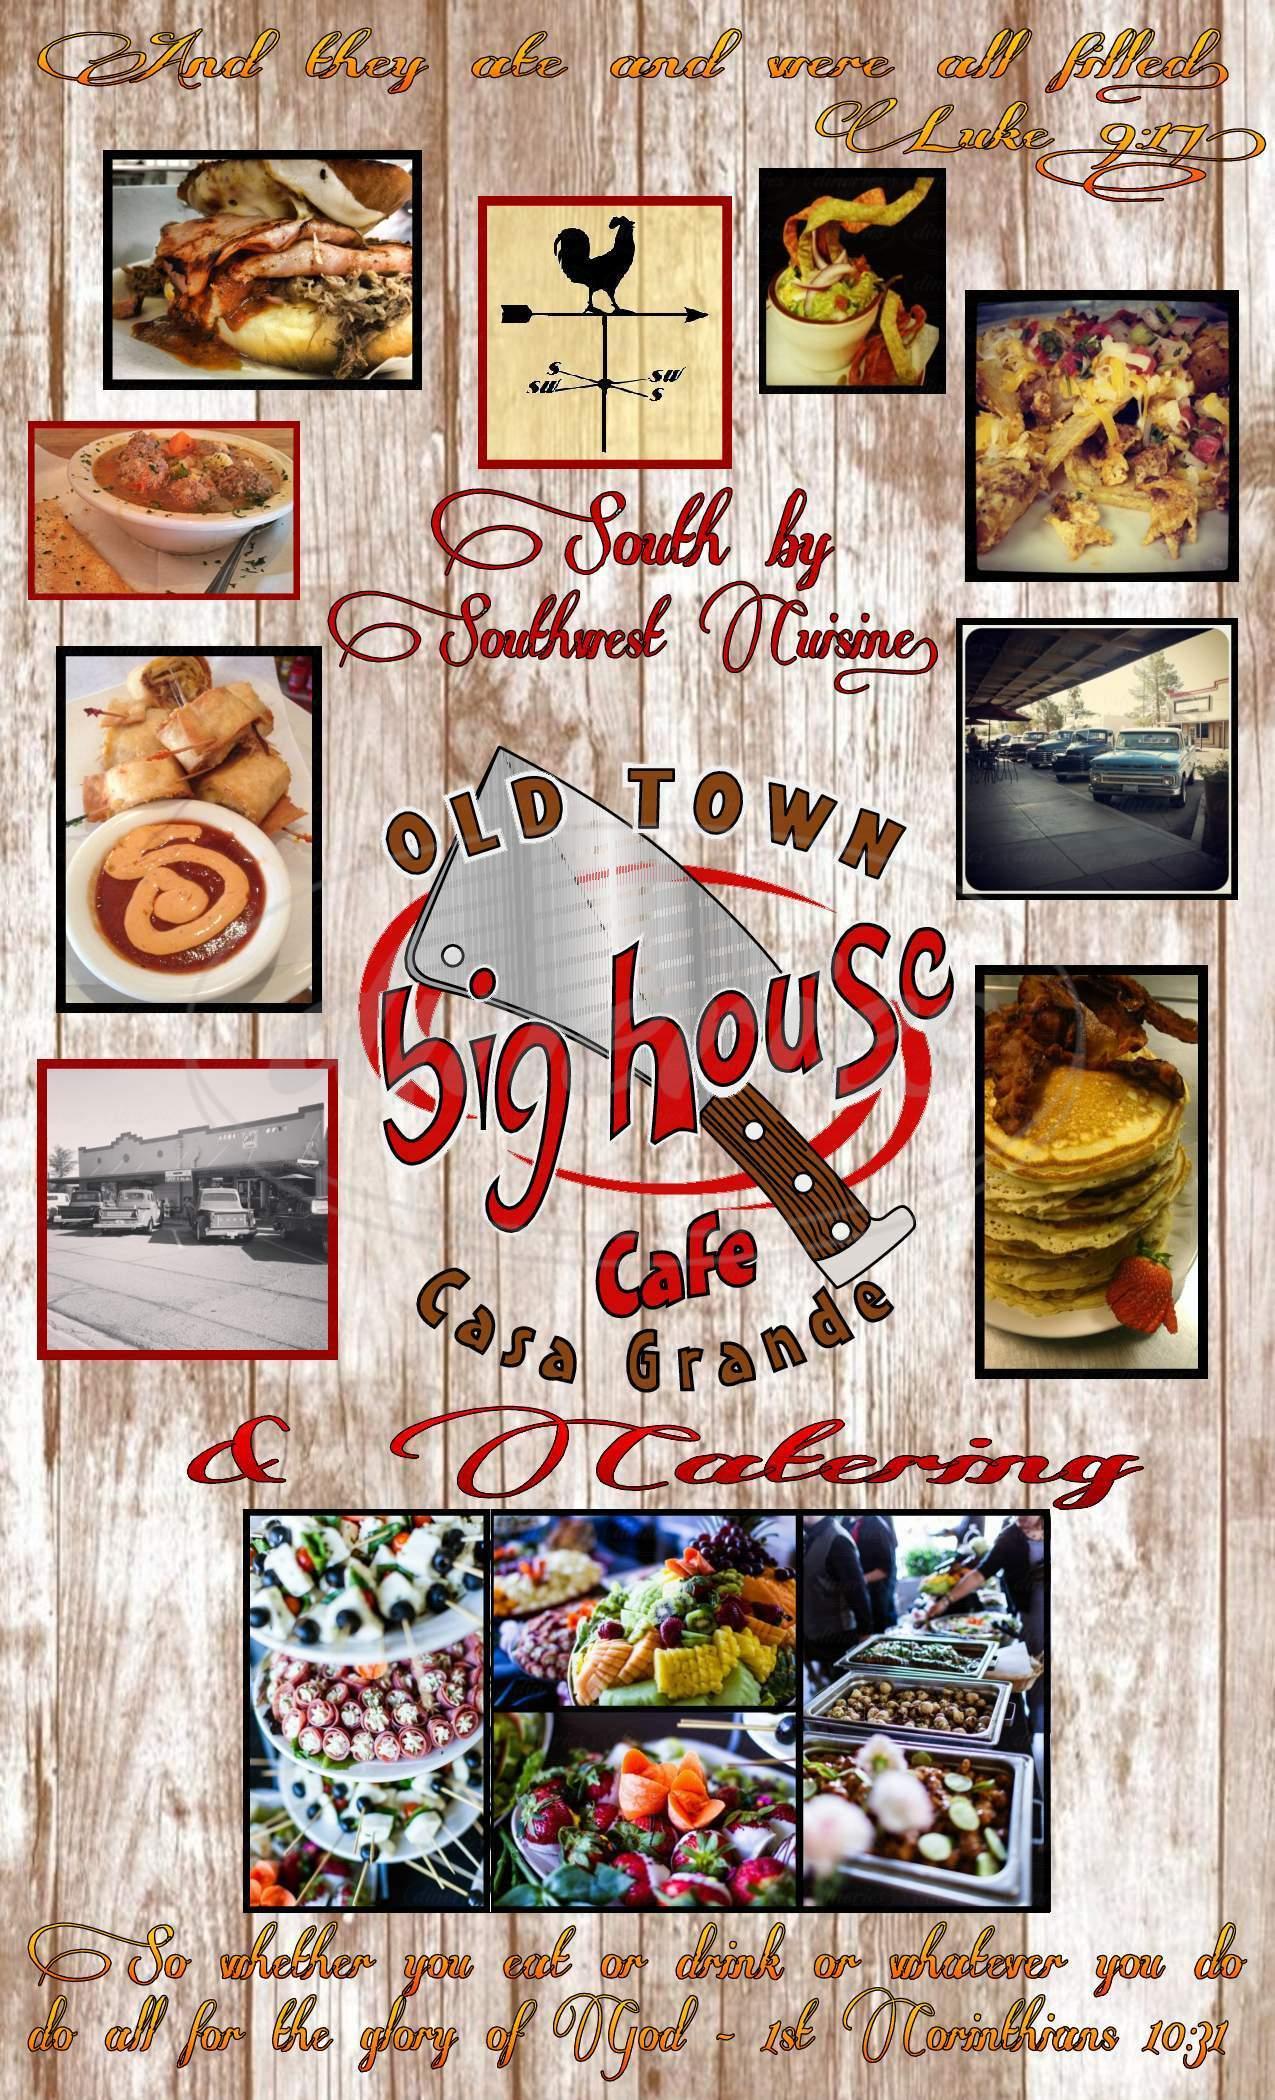 menu for Big House Cafe